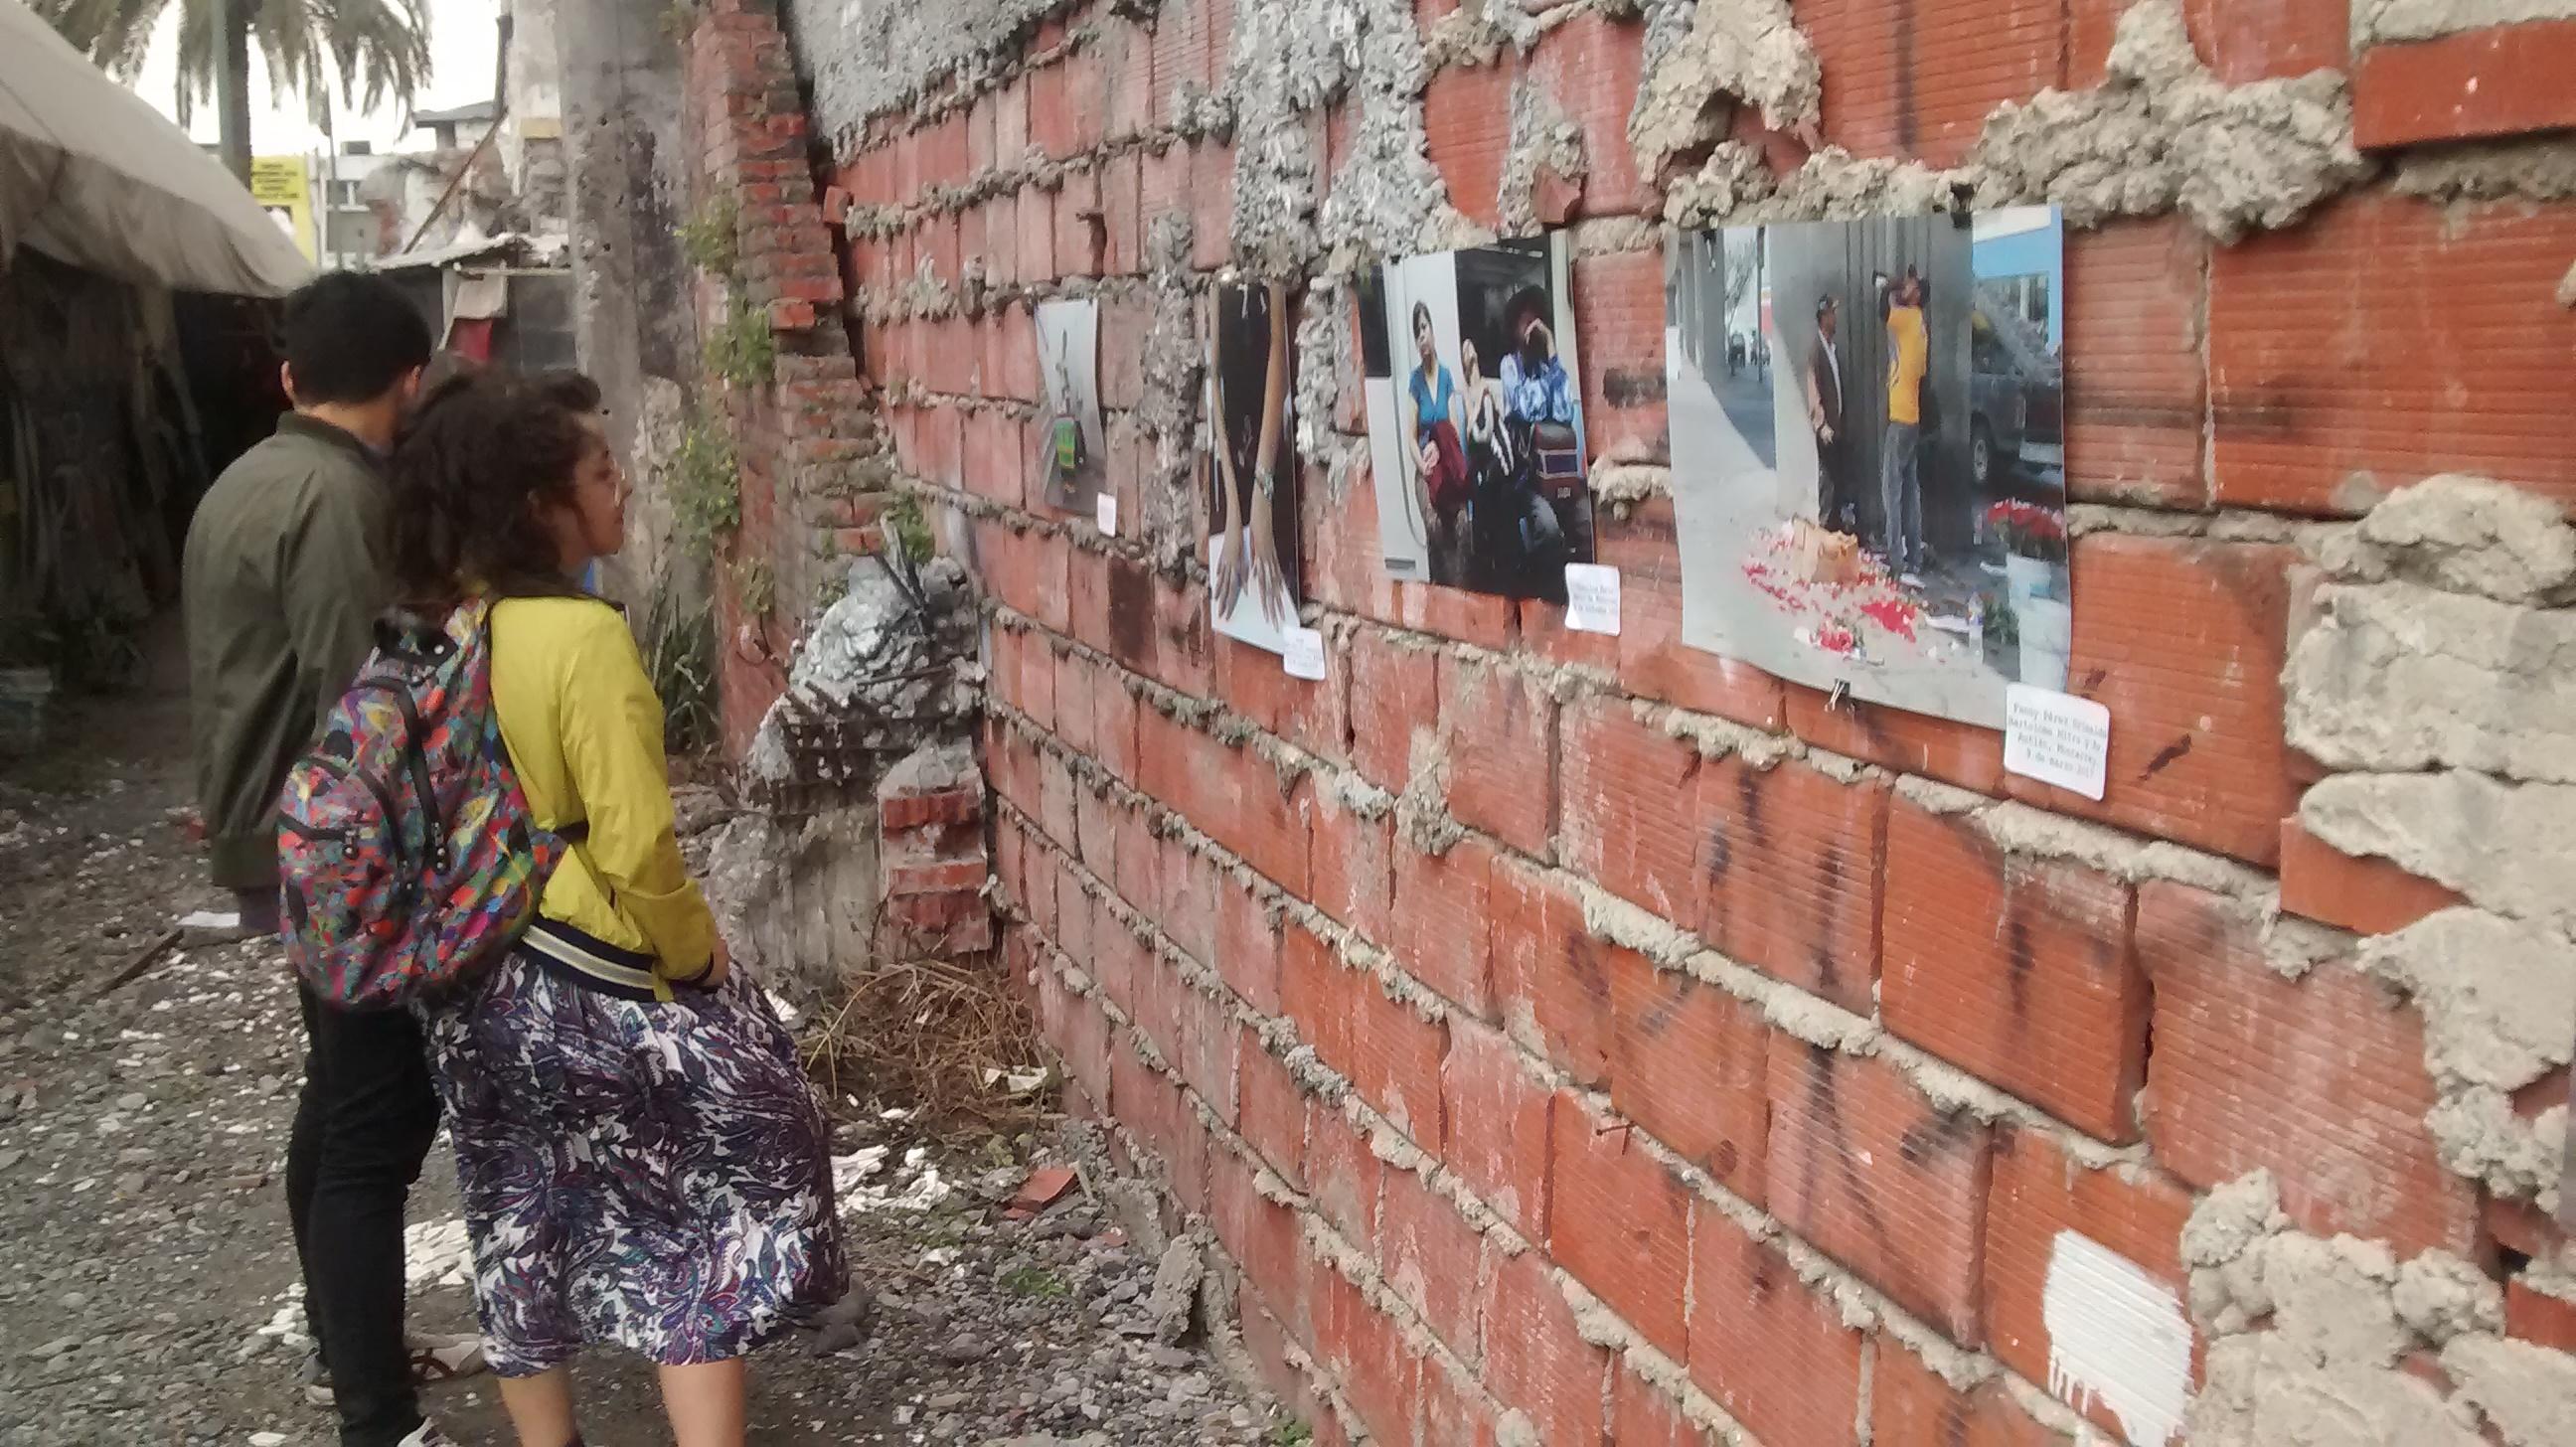 Exposición de Pata de Perro en Pulga Reforma. / FOTO: ADA RODRÍGUEZ